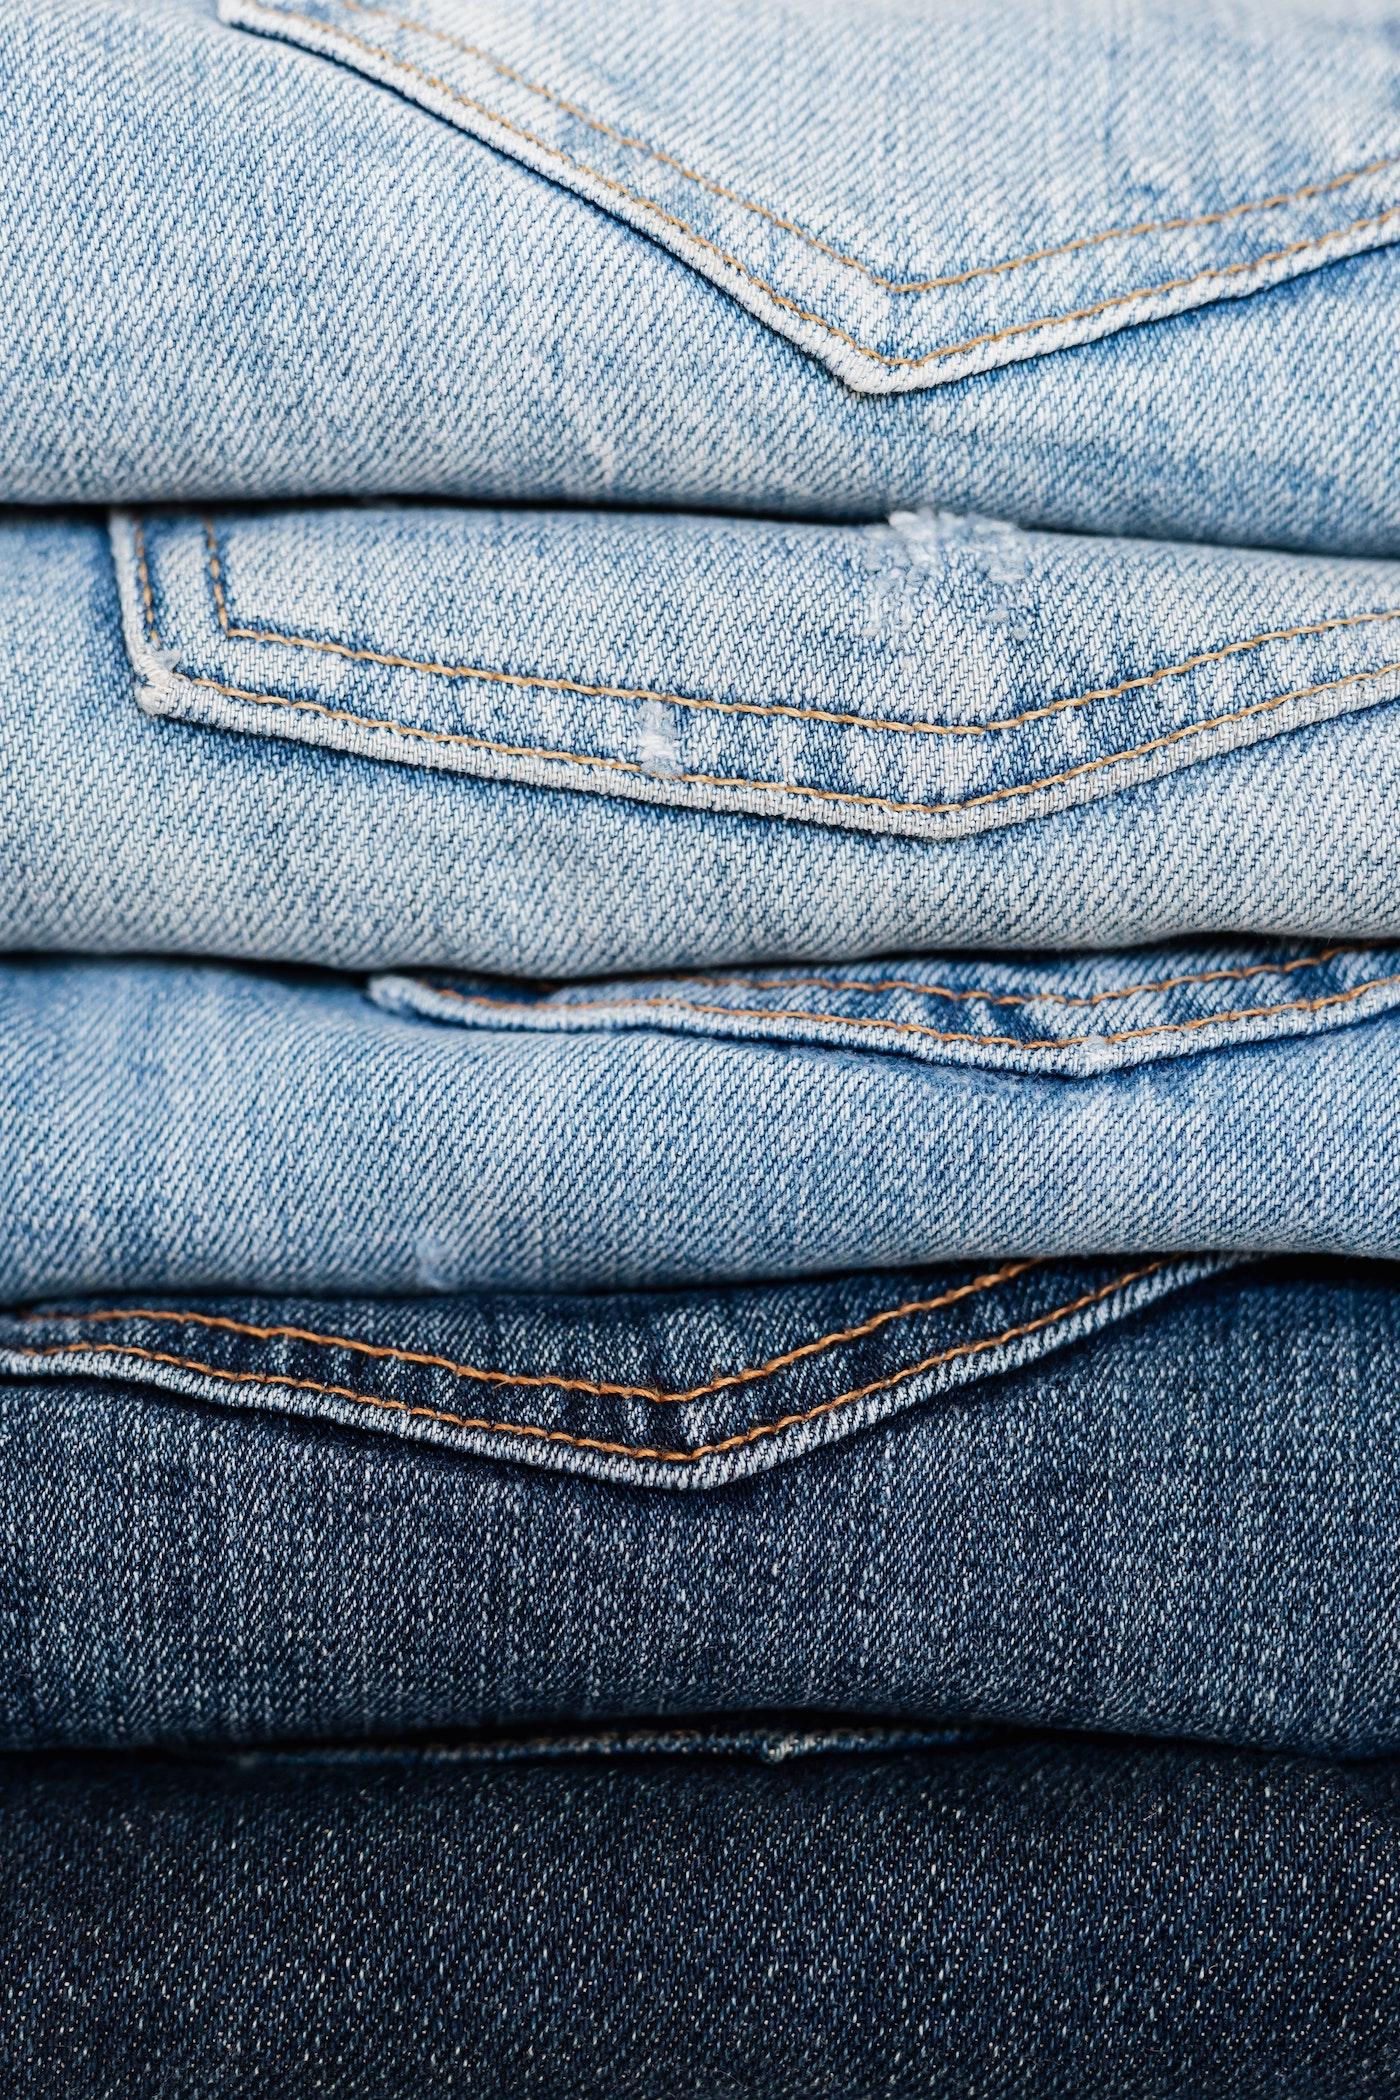 FAST FASHION Jeans Produktion Herstellung nicht nachhaltige Mode